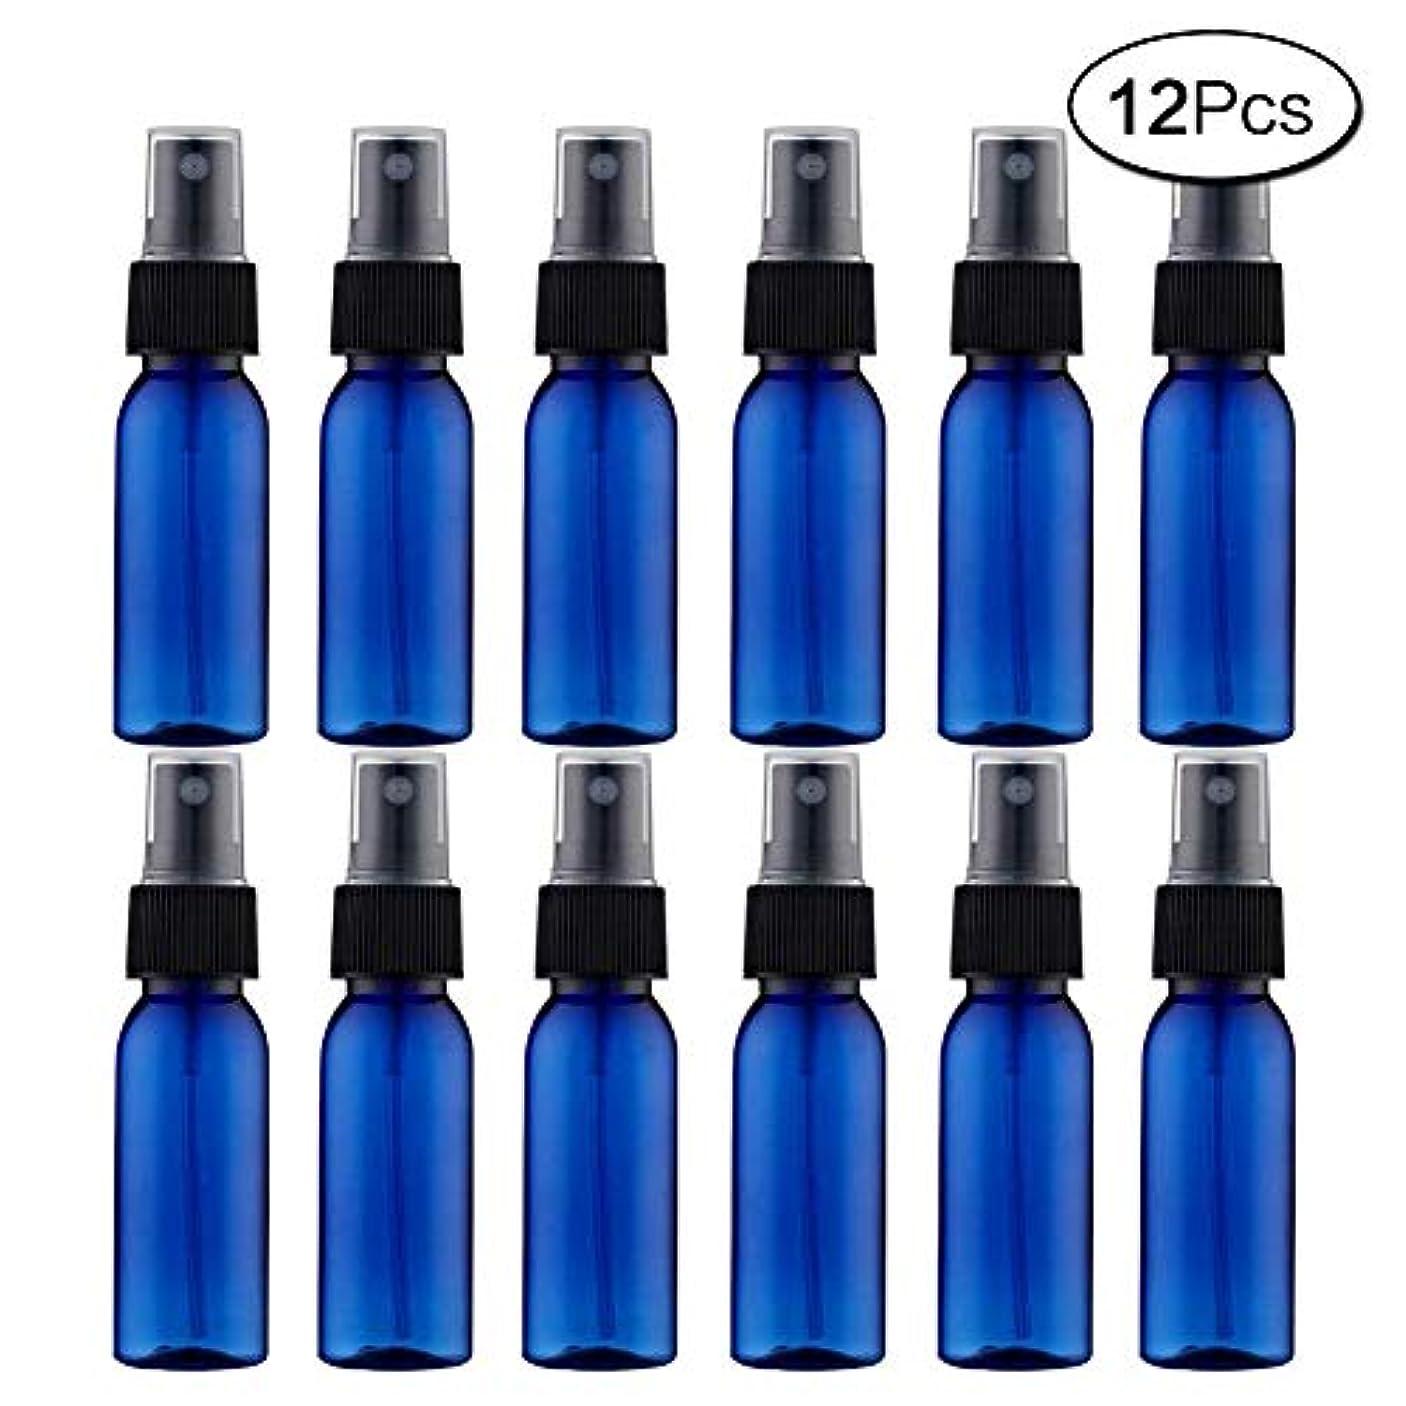 困惑する不健康夕暮れスプレーボトル 12本セット 詰替ボトル 遮光 空容器 霧吹き(30ml ブルー)